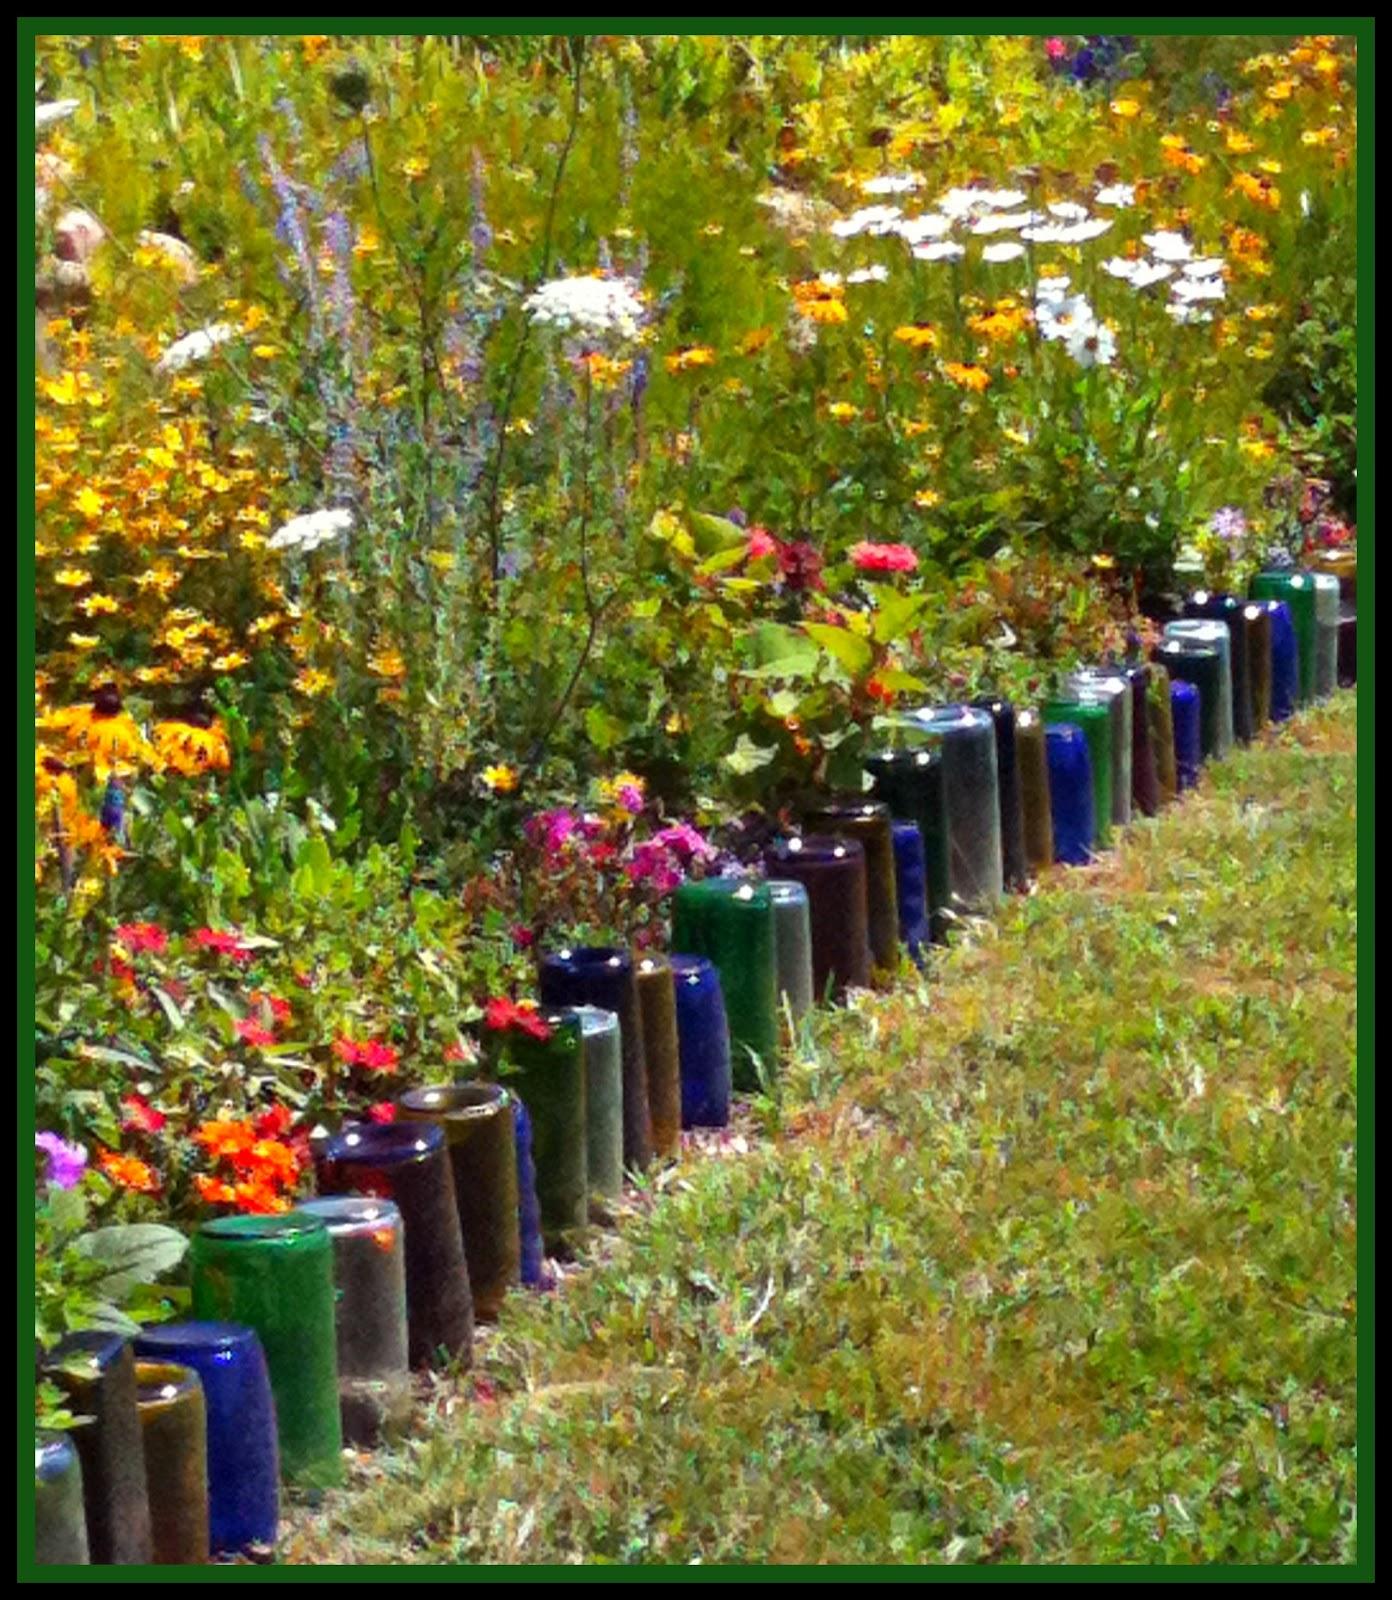 Recicla inventa ideas originales para el jard n - Ideas originales jardin ...